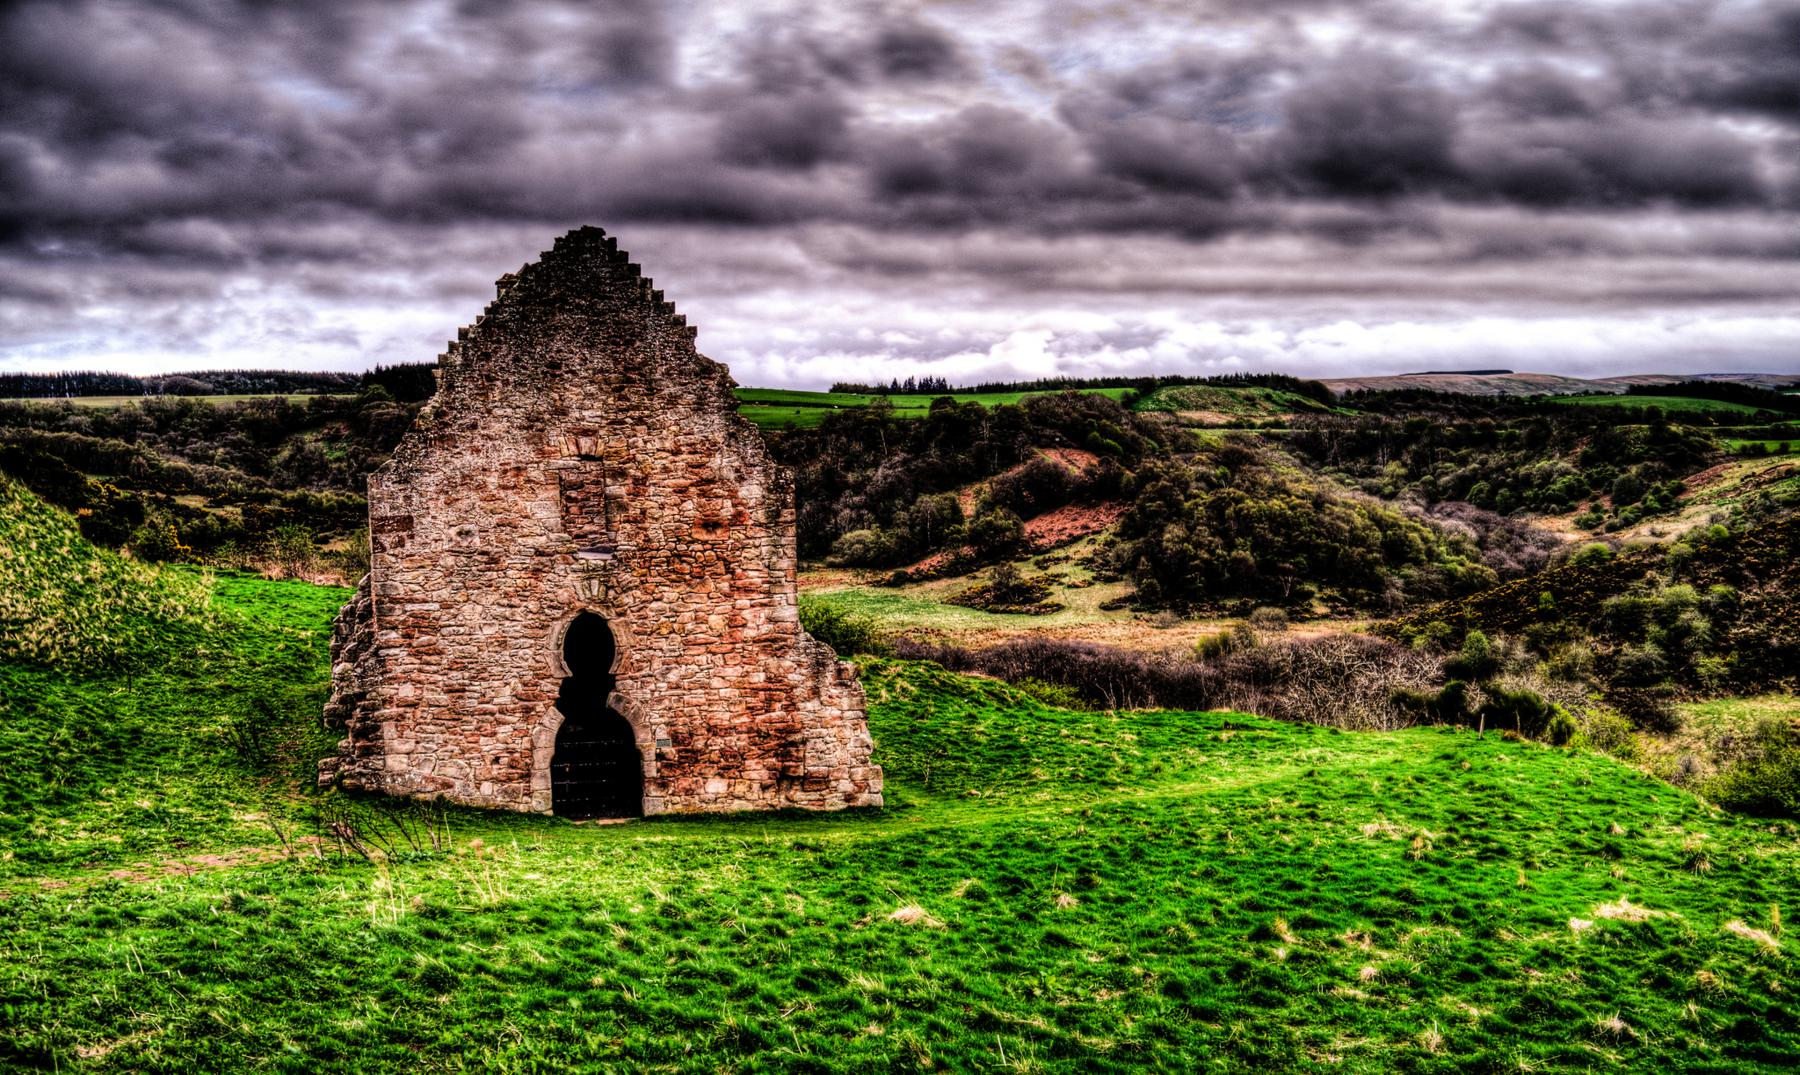 """La leyenda escocesa de """"Redcap"""", el morador de las ruinas"""